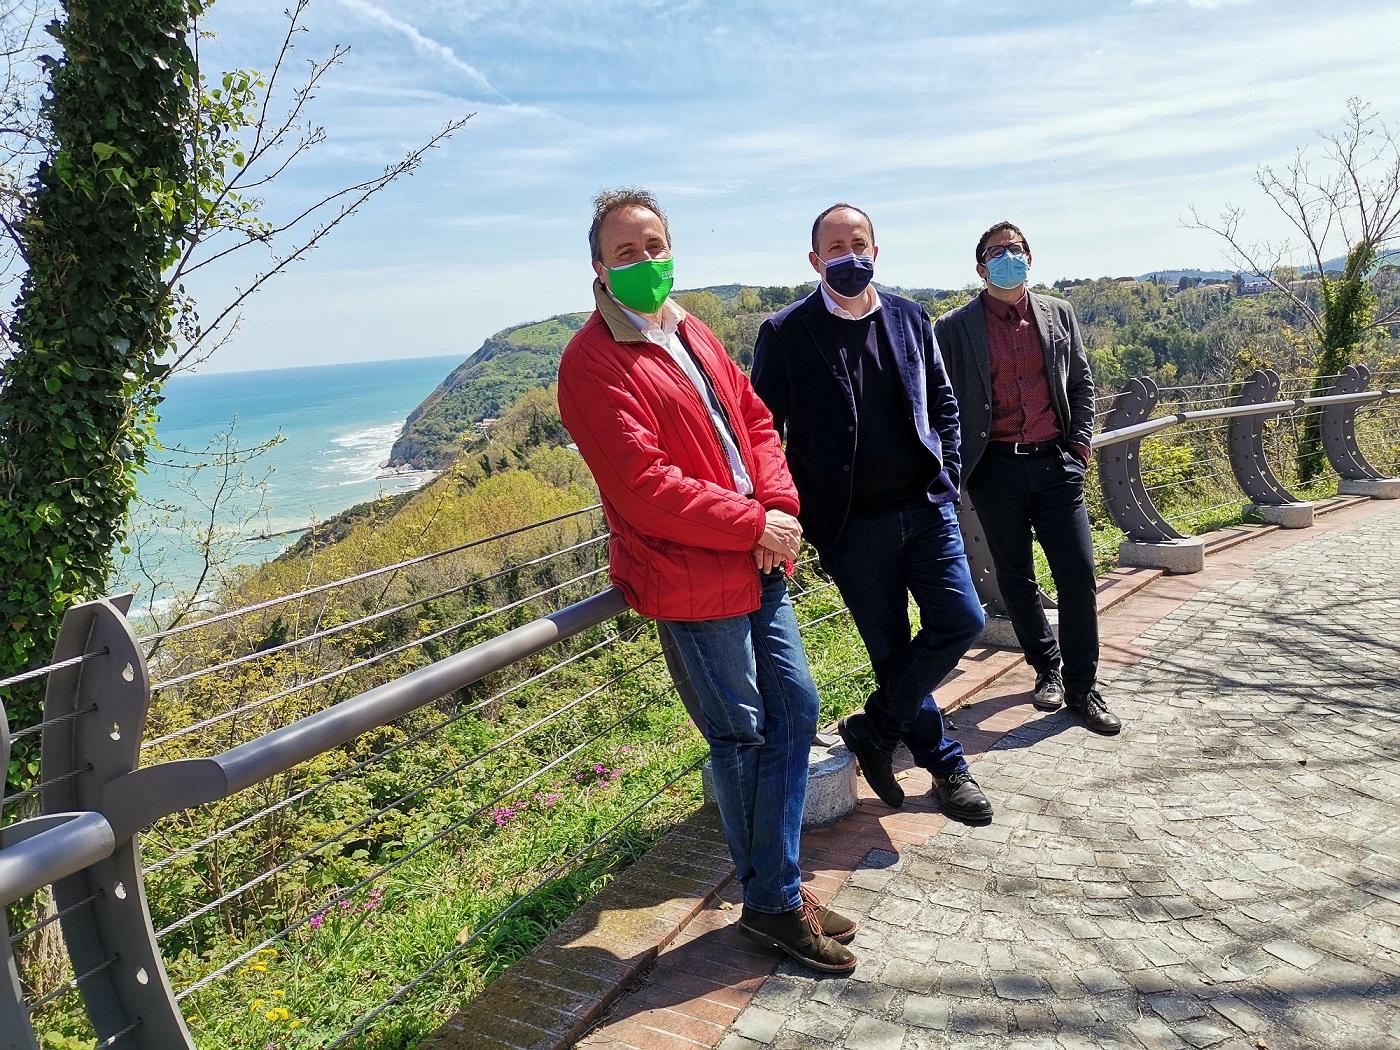 Vimini, Gasperi e Pascuzzi: «Un percorso rivolto alla costituzione del Distretto culturale e turistico per valorizzare le unicità della porta nord delle Marche»